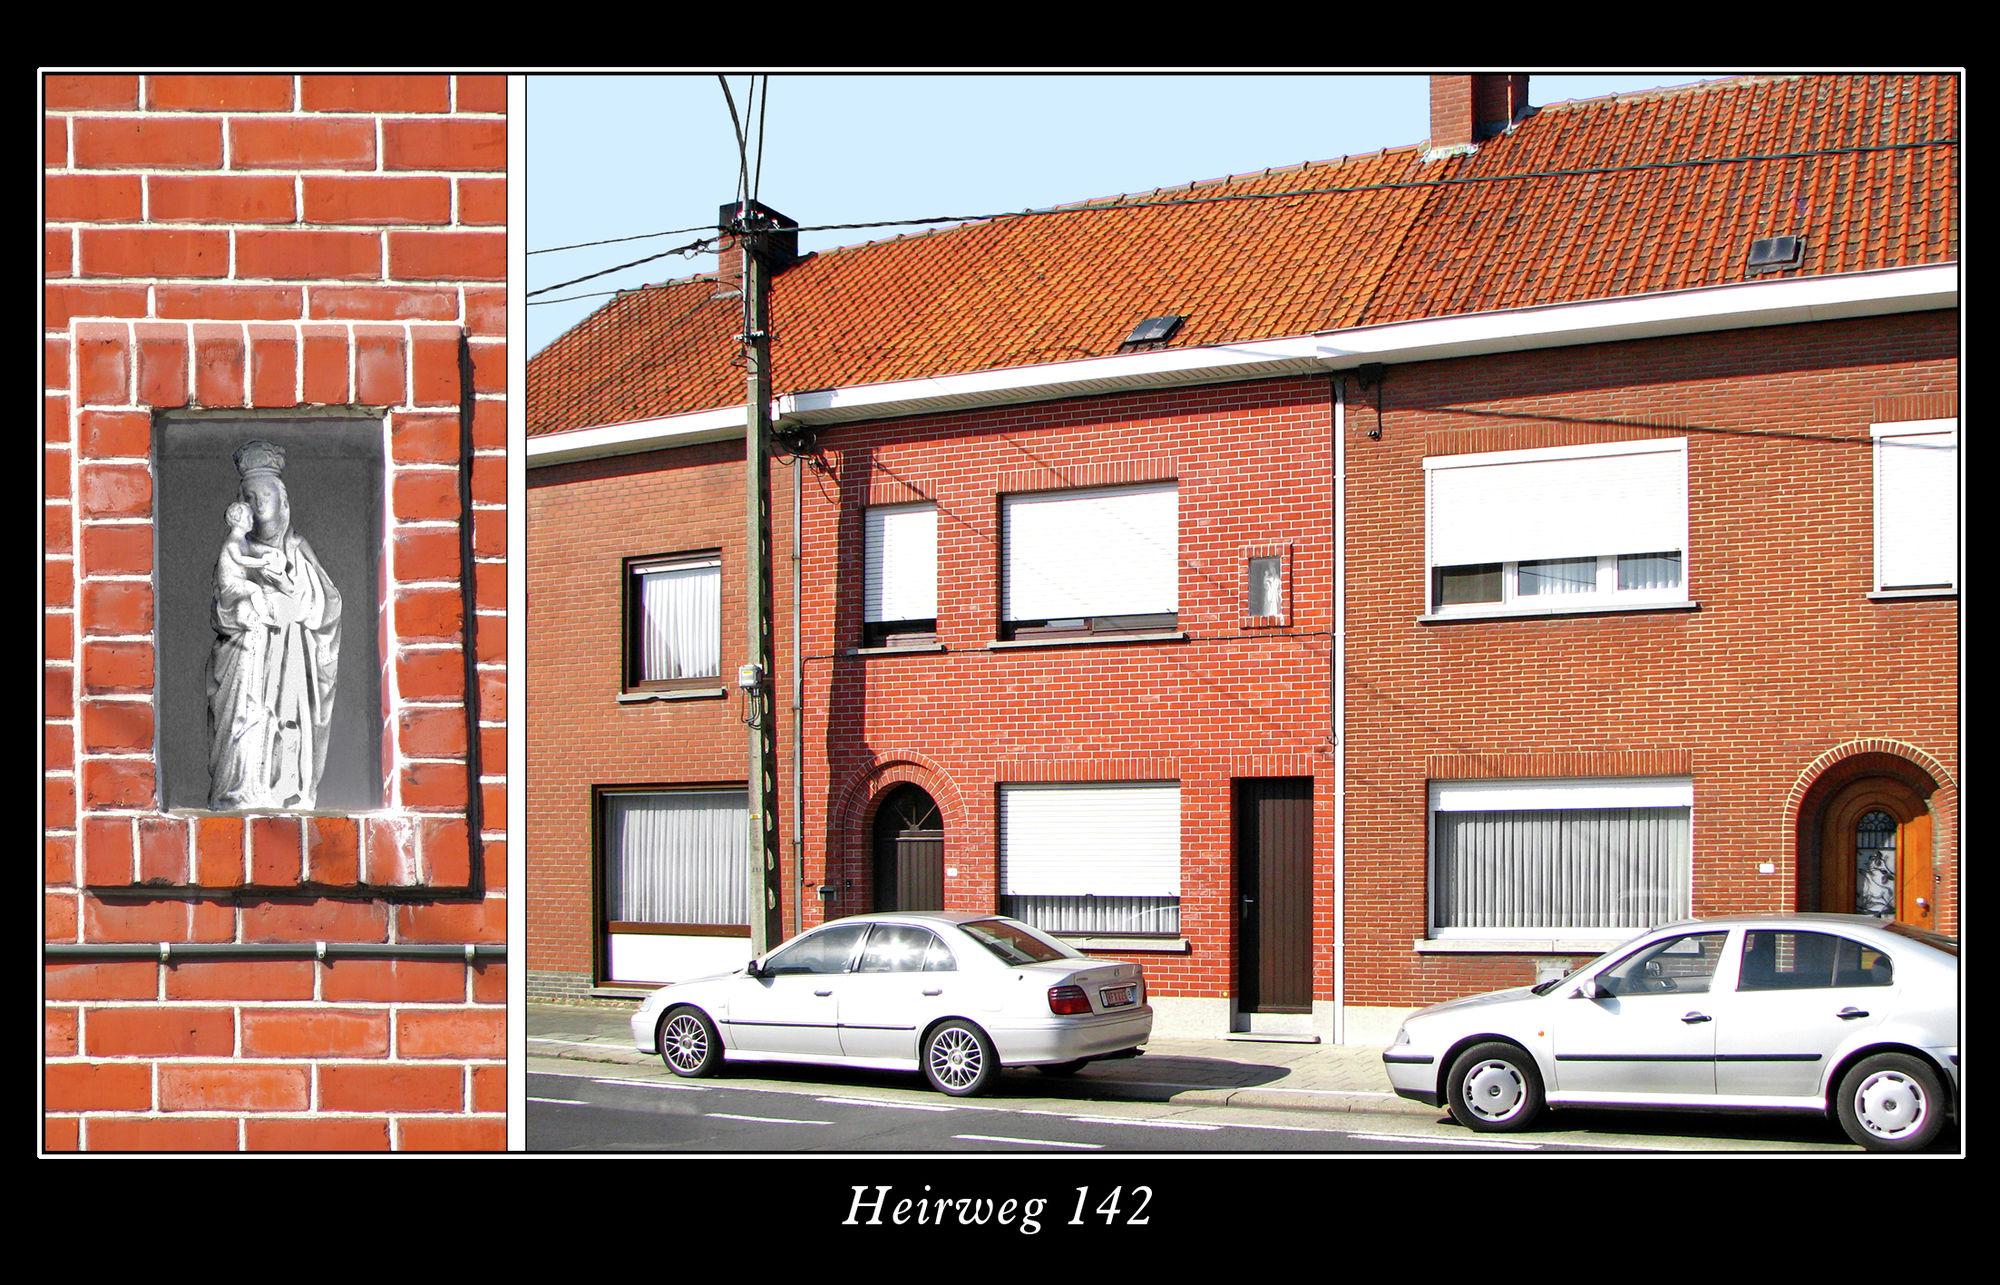 Heirweg